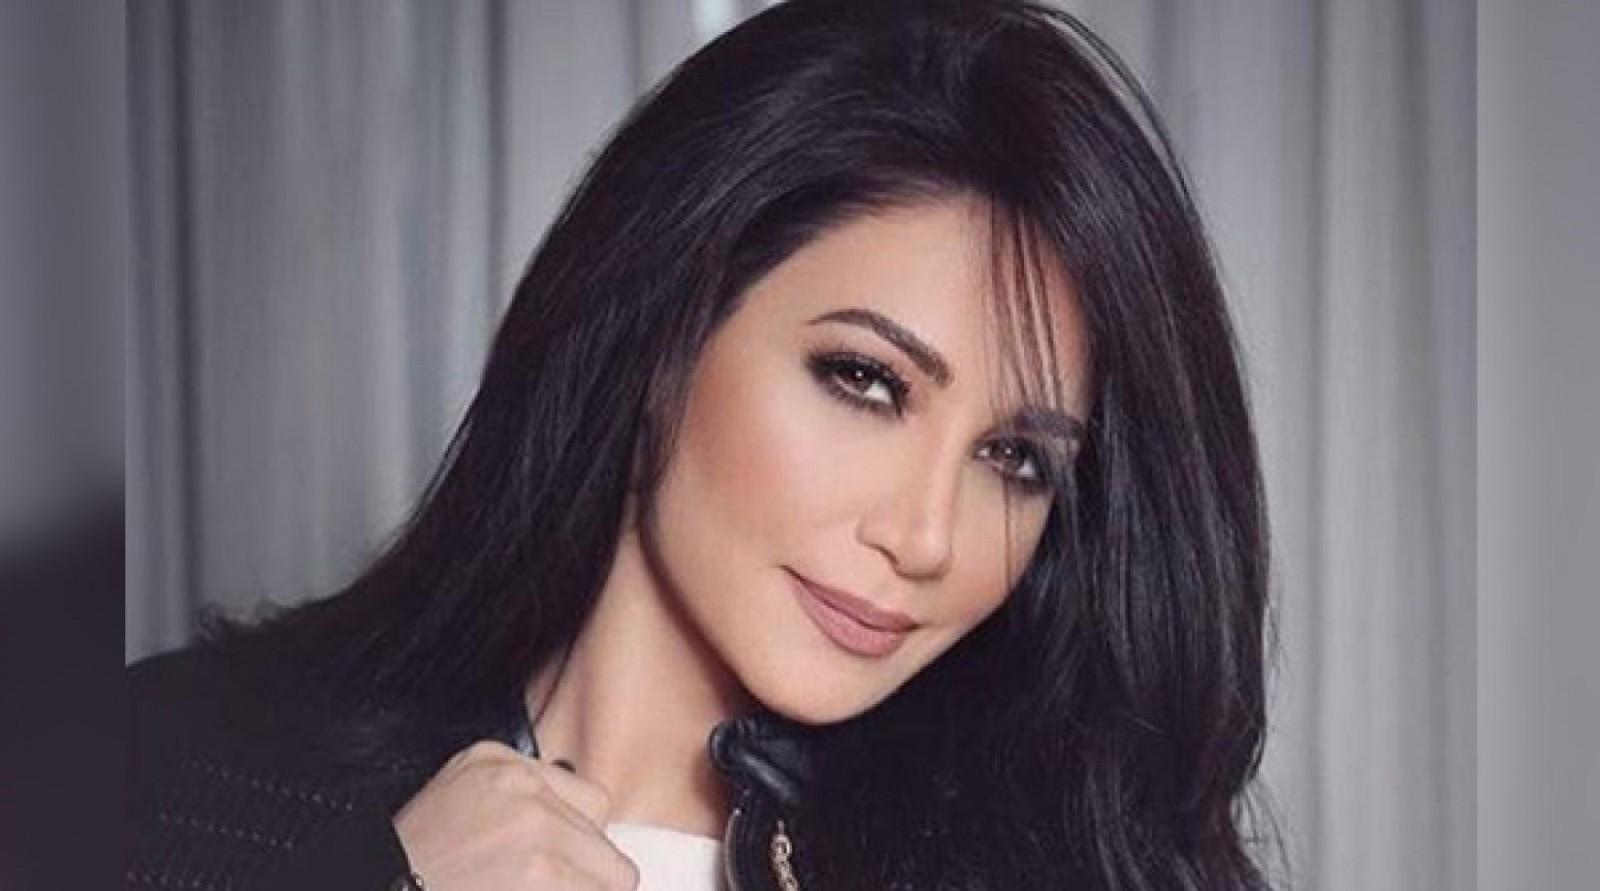 """ديانا حداد """"برنسيسة الغناء العربي"""".. تزوّجت بعمر 19 عاماً من إماراتي وأشهرت إسلامها"""